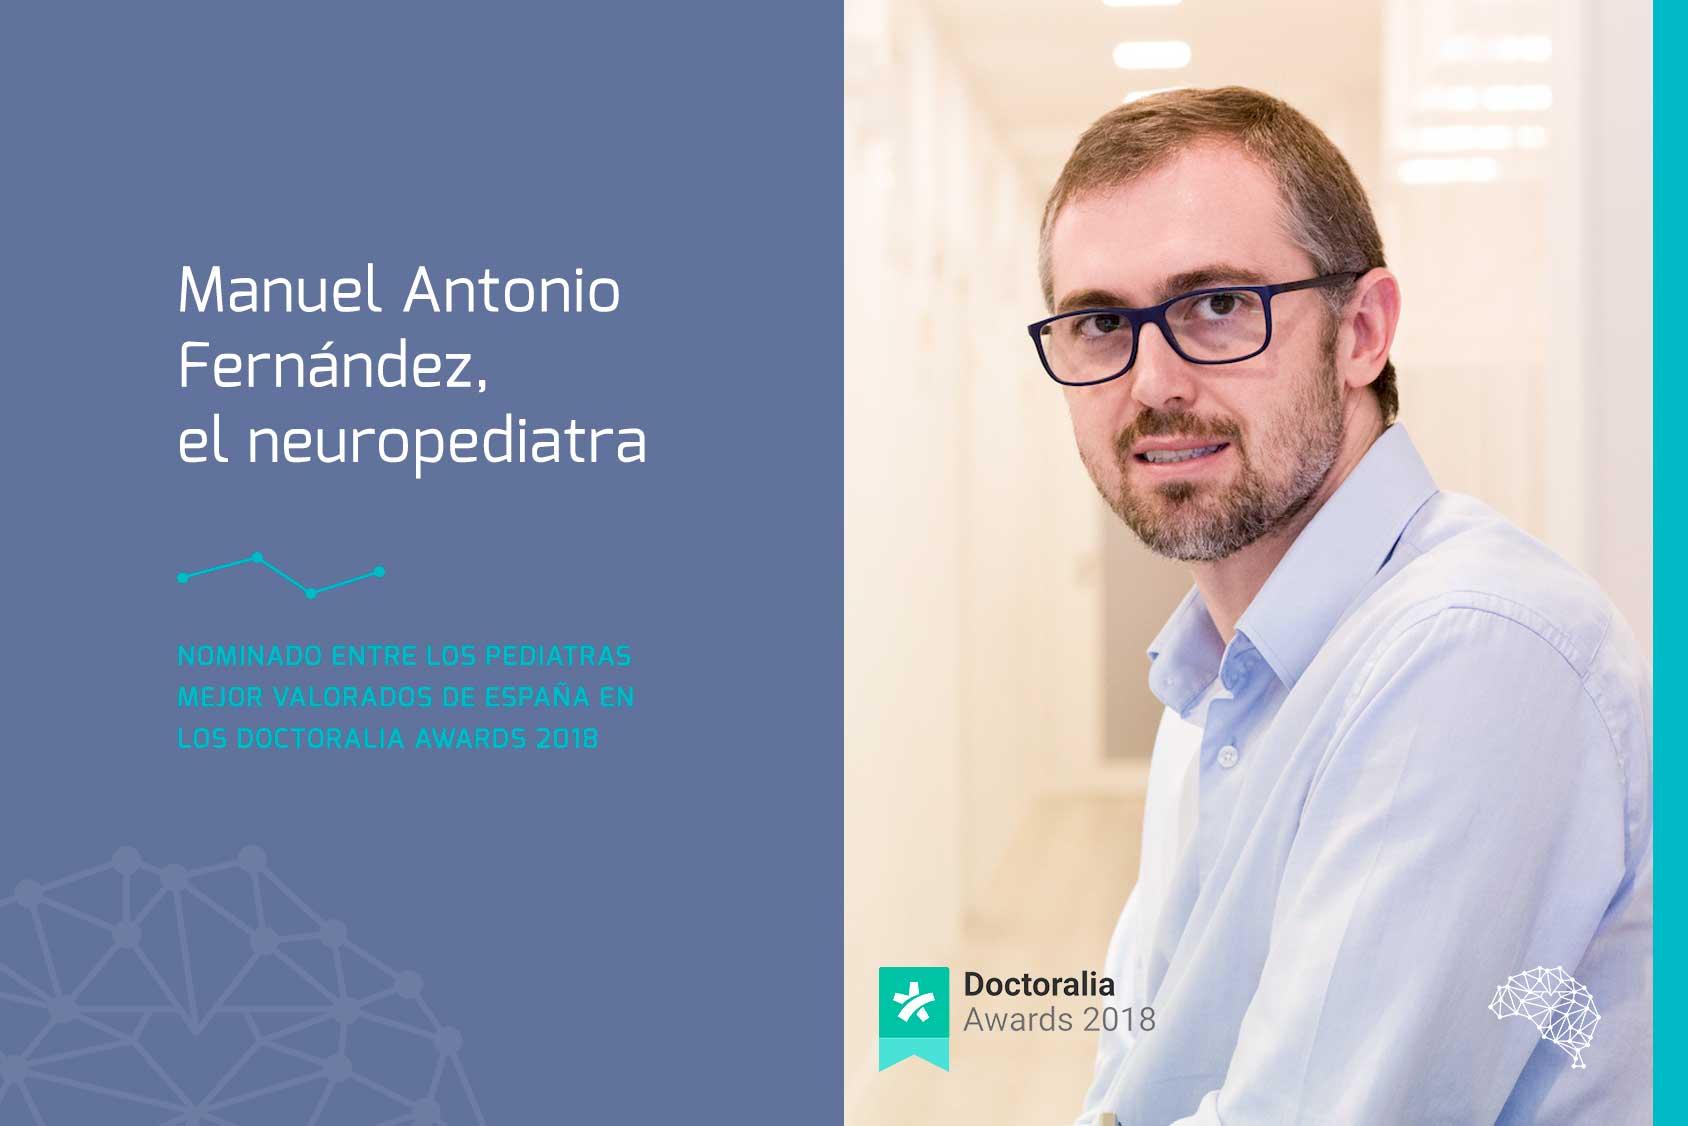 Manuel Antonio Fernández, candidato a mejor pediatra de España en 2018